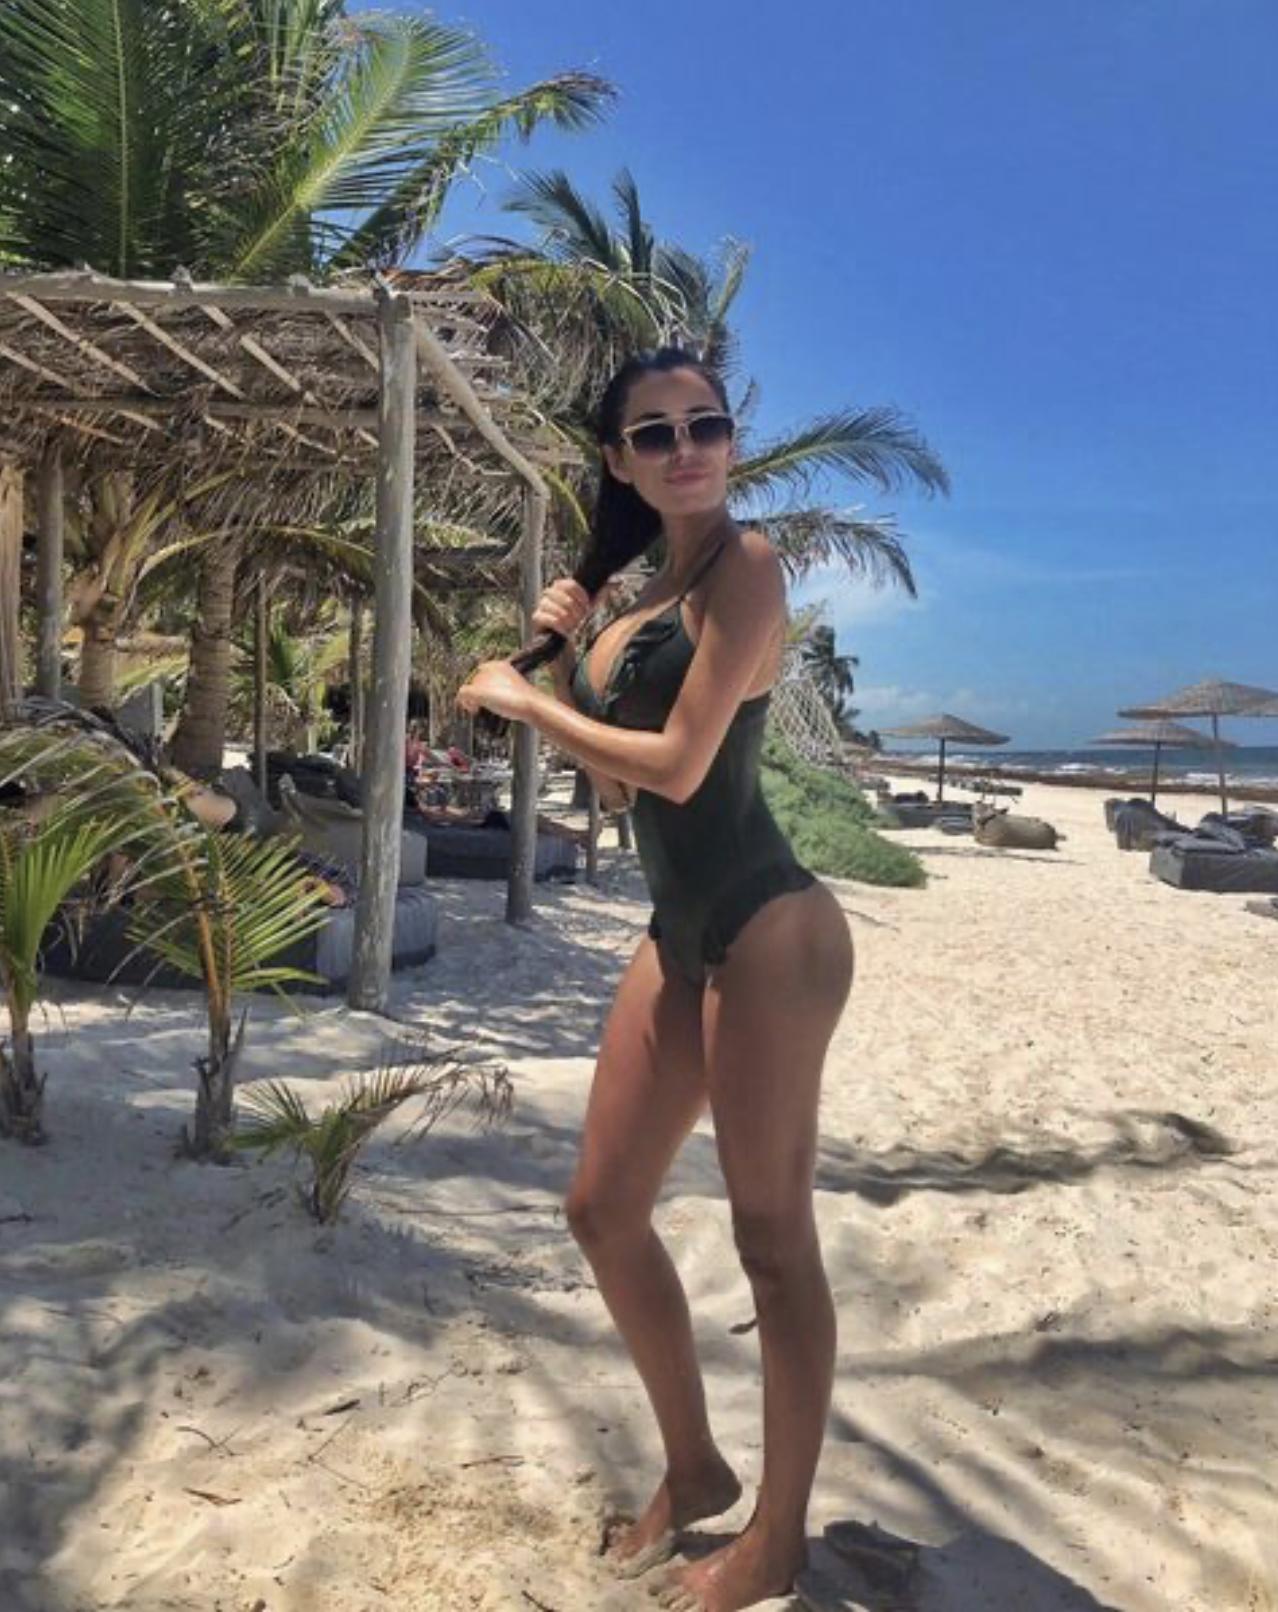 Марта Домингес — бывшая супруга голкипера мадридского «Реала» Тибо Куртуа. Бельгиец изменял ей на протяжении трёх лет!